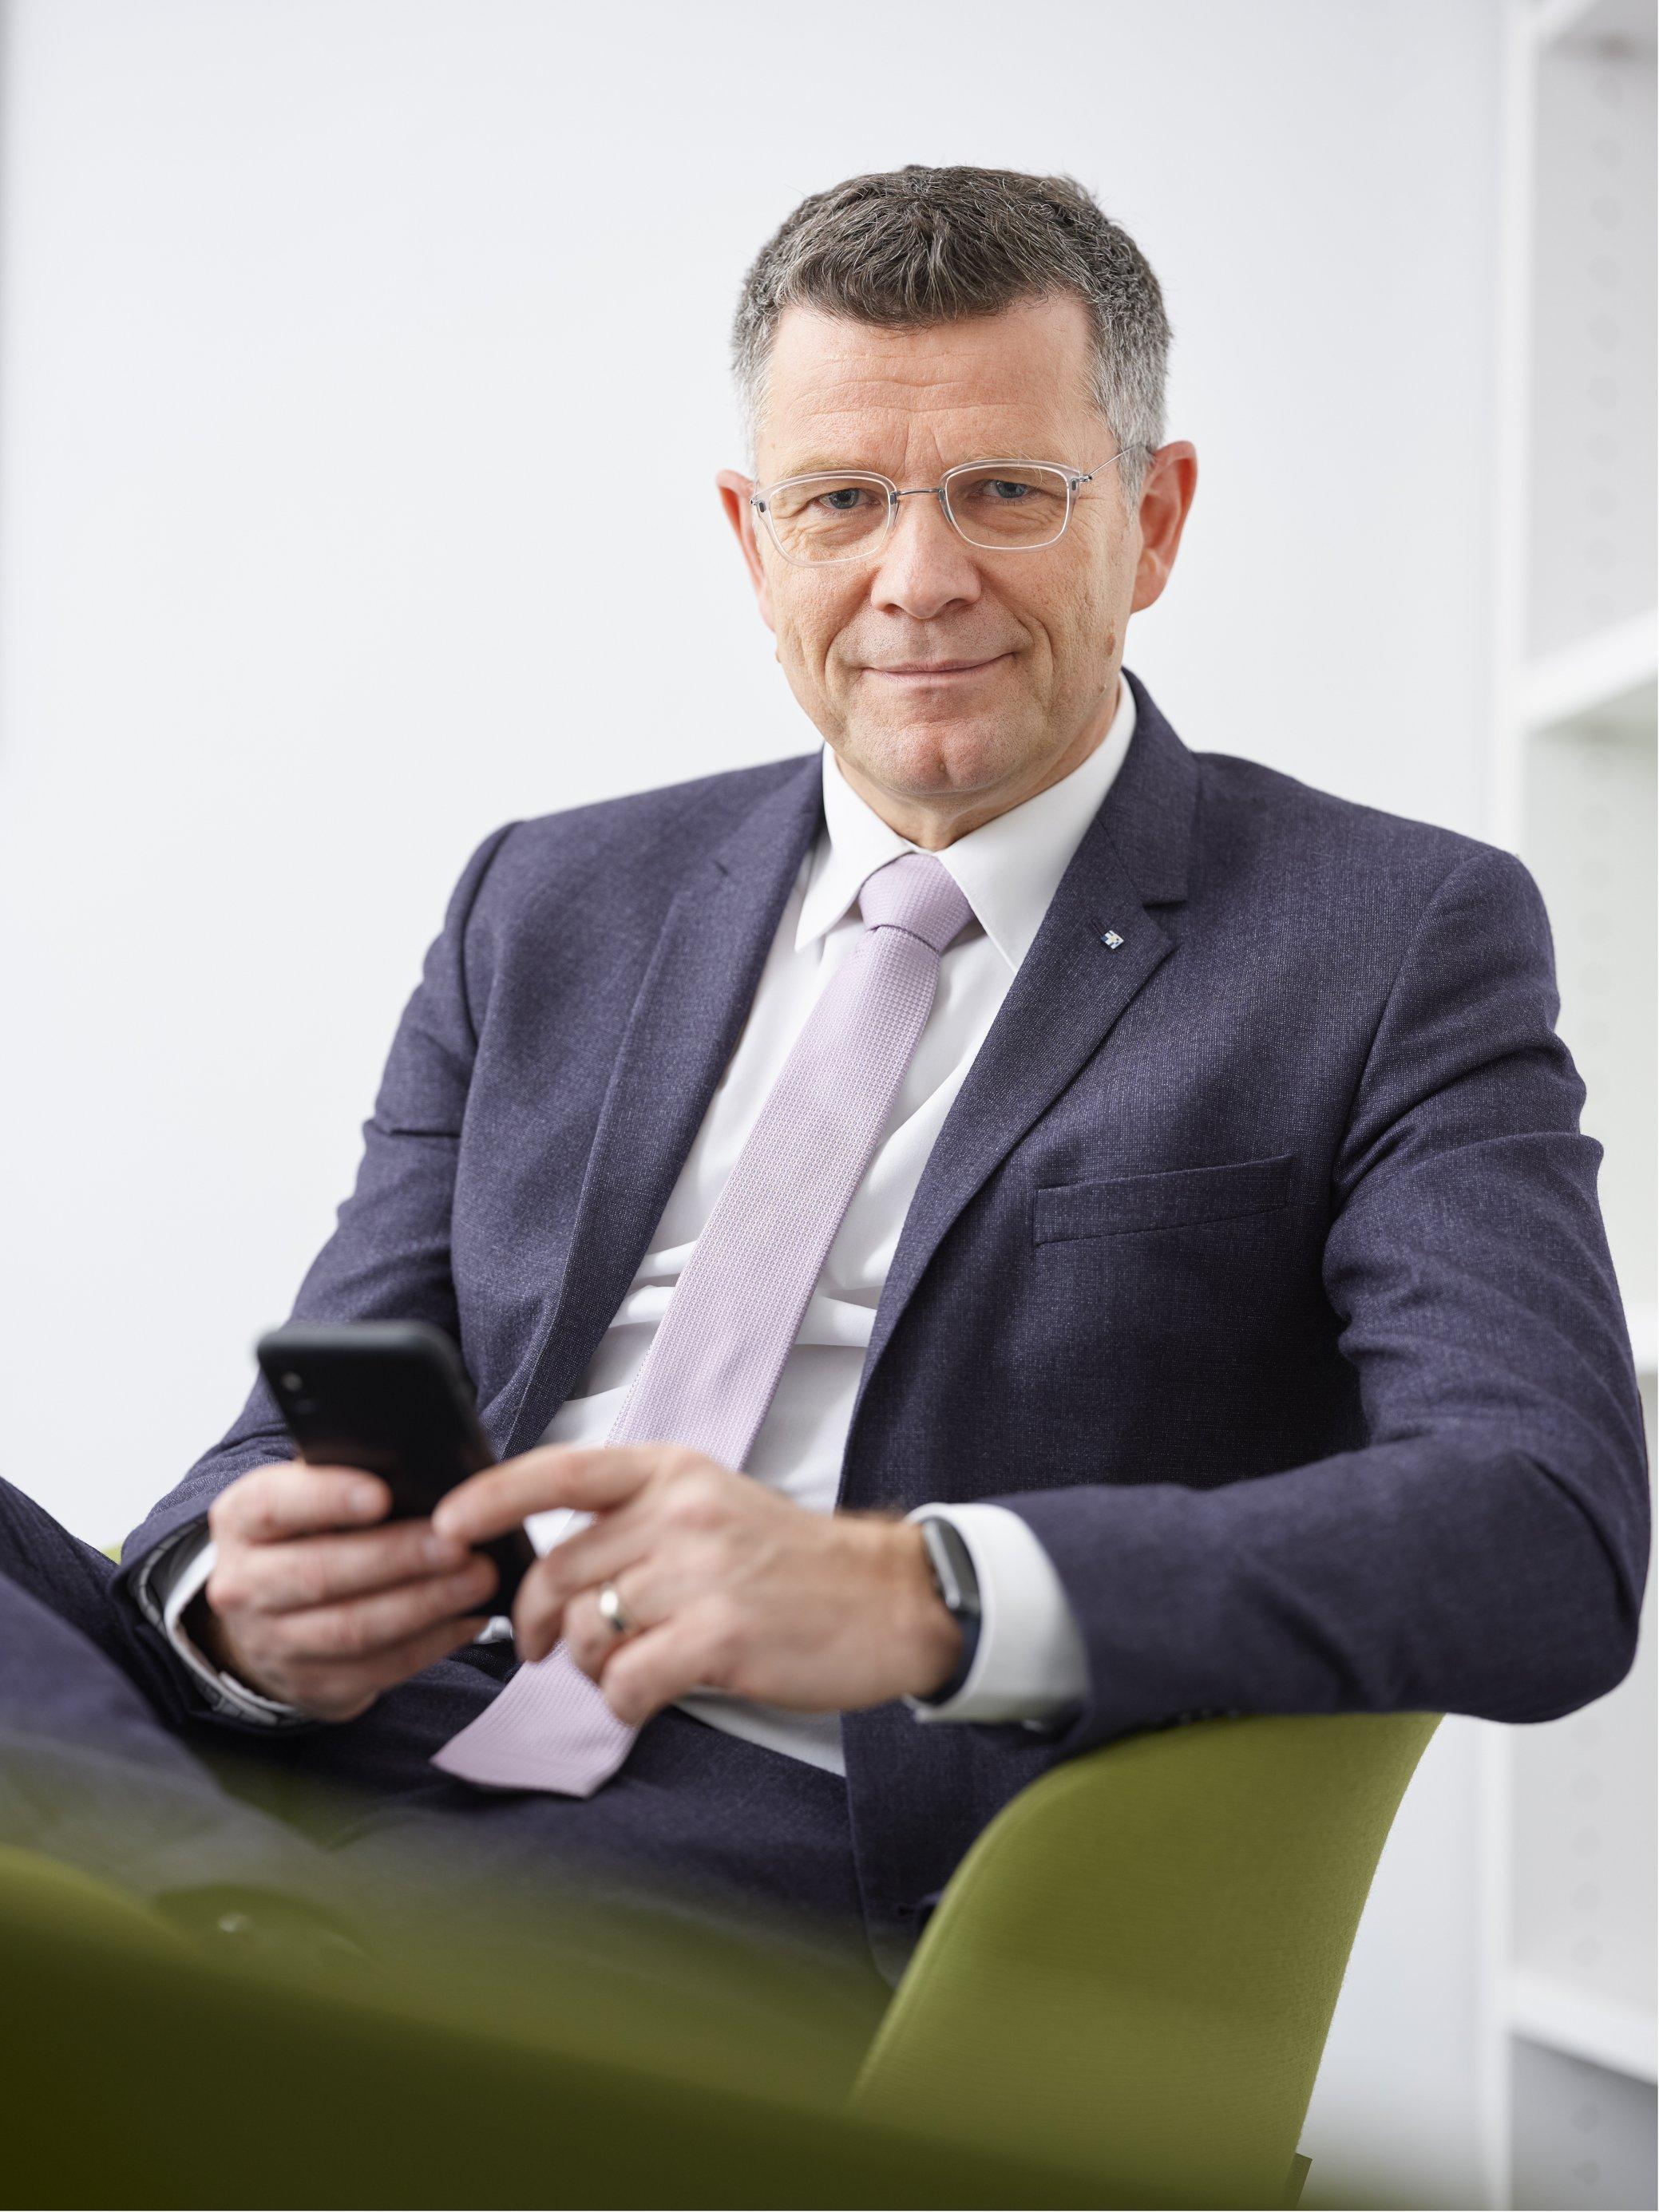 Prof. Dr. Peter Dabrock, Inhaber des Lehrstuhls für Systematische Theologie (Ethik) an der FAU. (Bild: FAU/David Hartfiel)